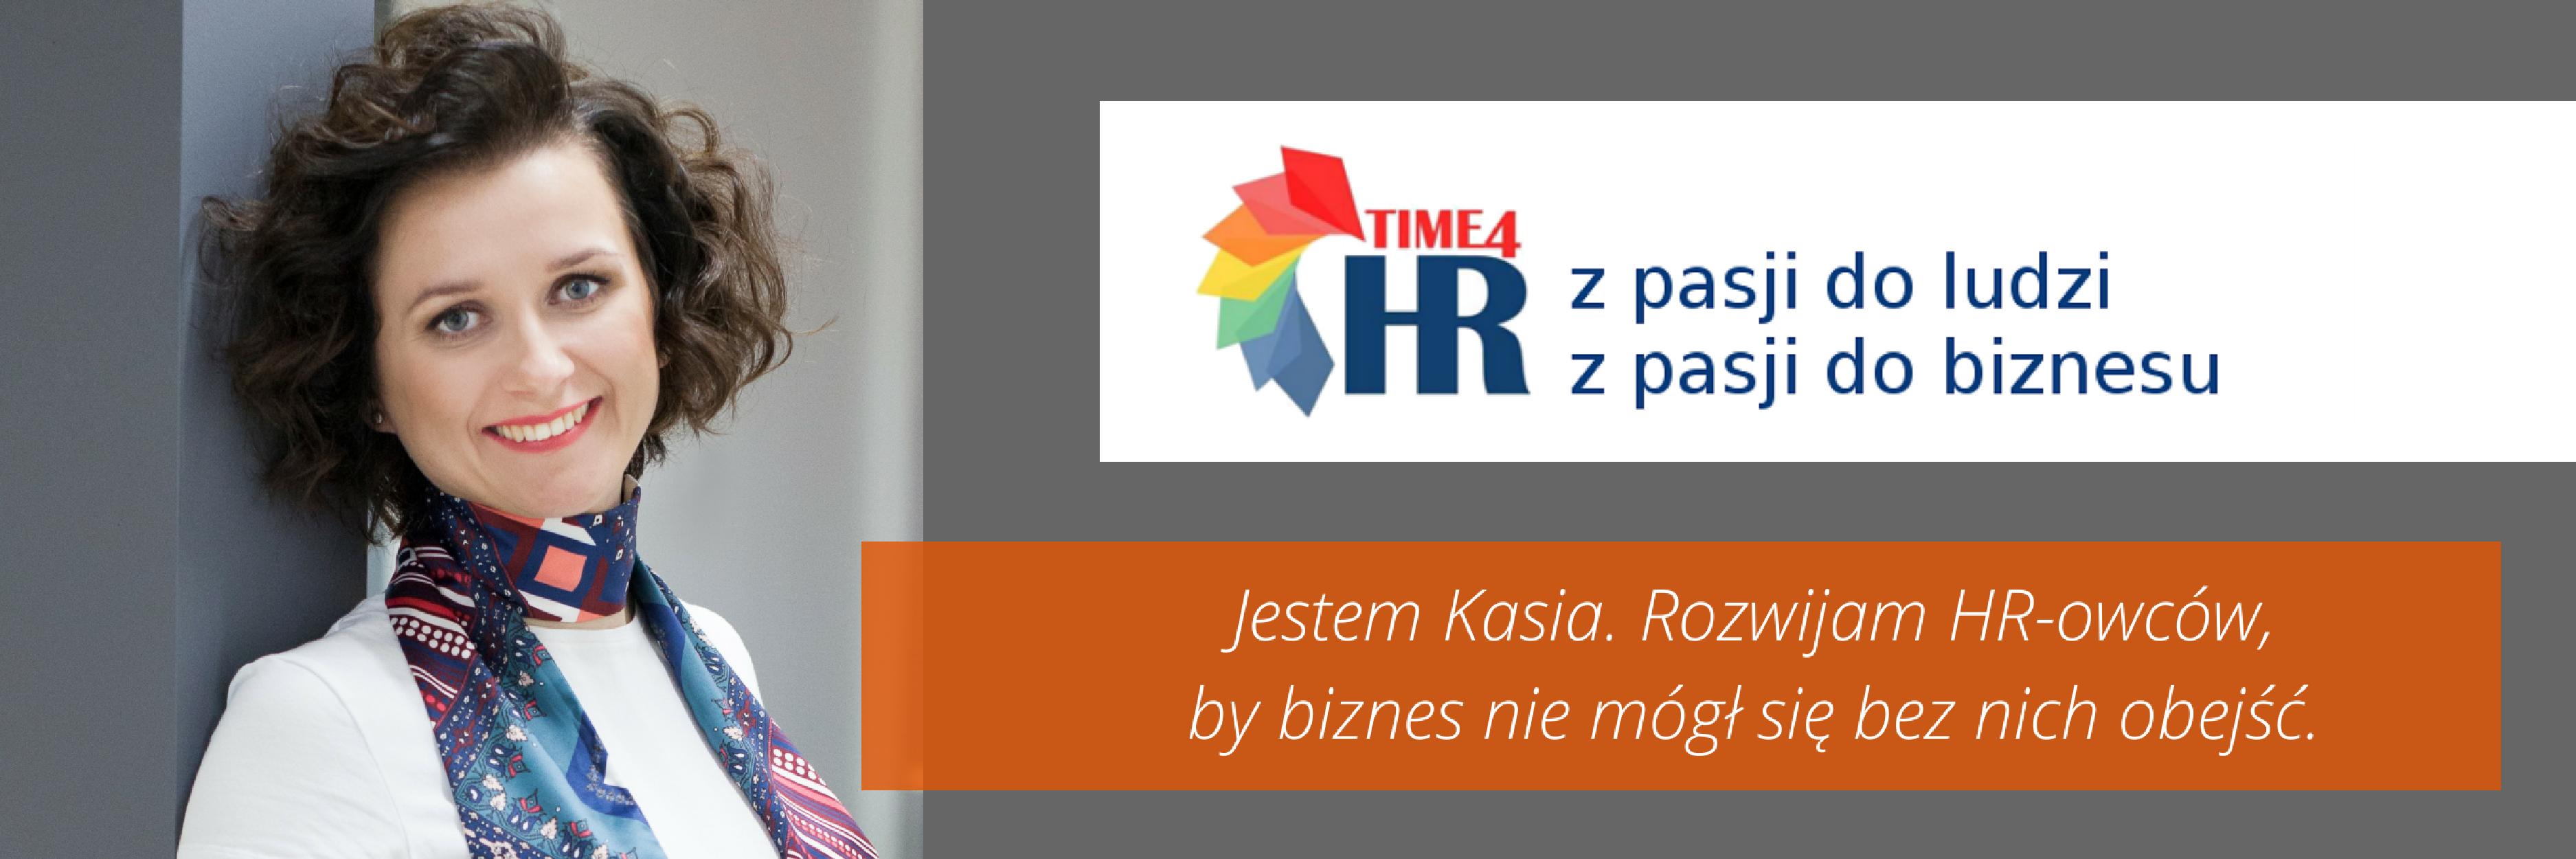 Time4HR Katarzyna Bogusz-Przybylska